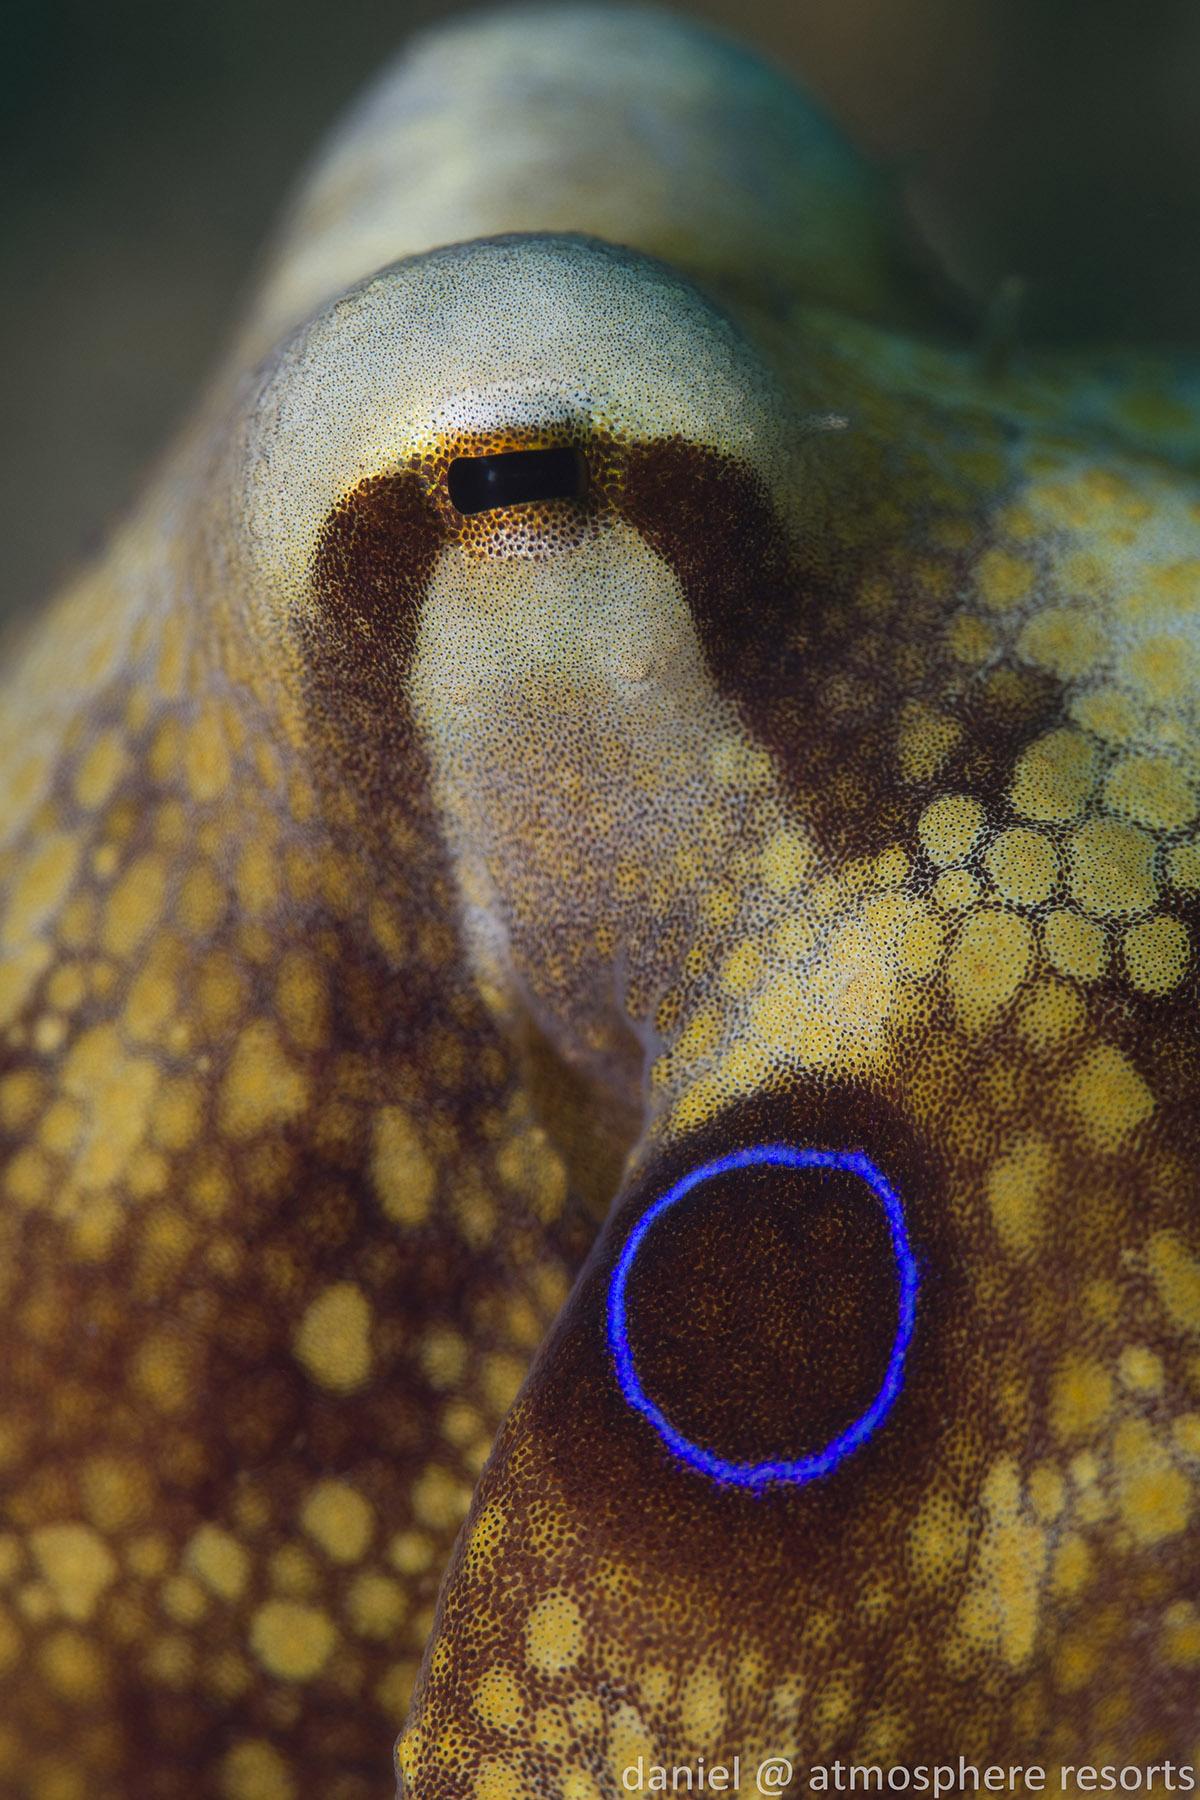 Mototi octopus by Daniel Geary